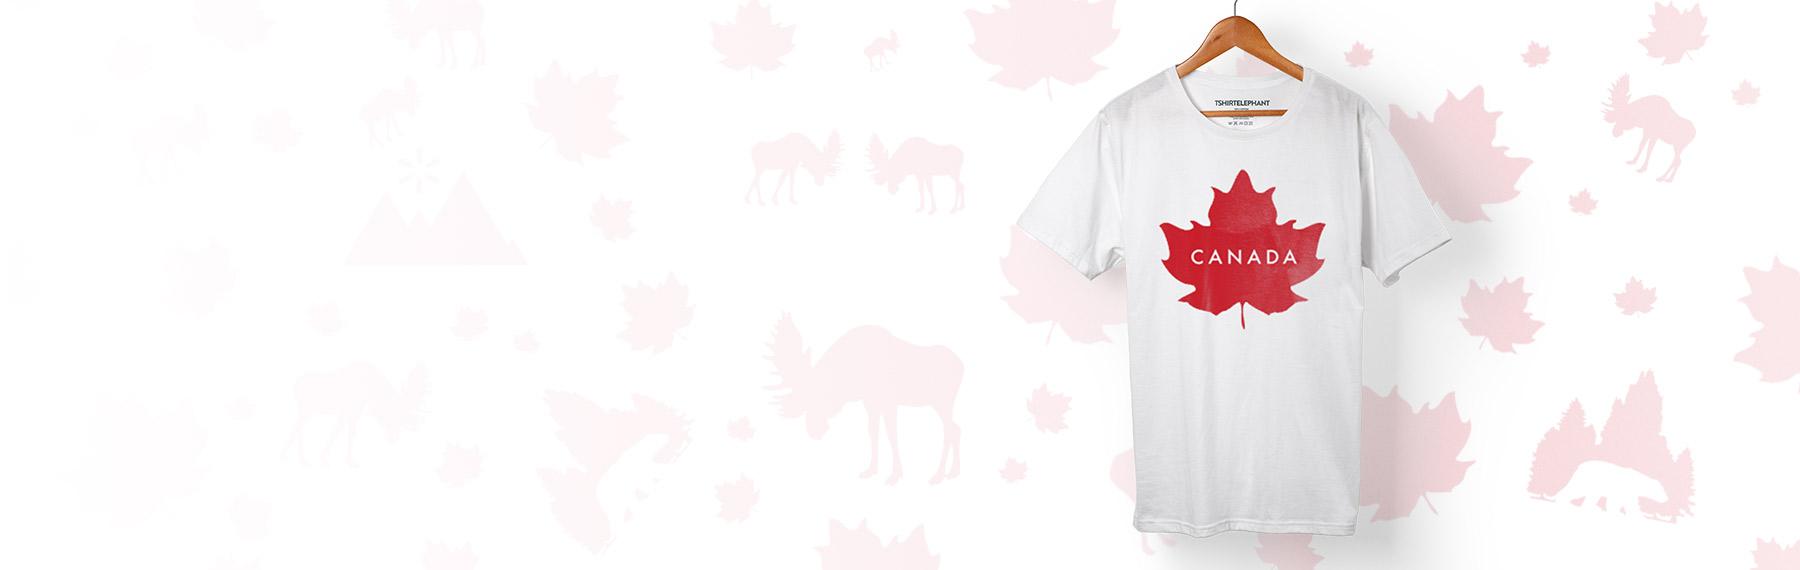 Design t shirt online canada - Design Gildan Shirts Online